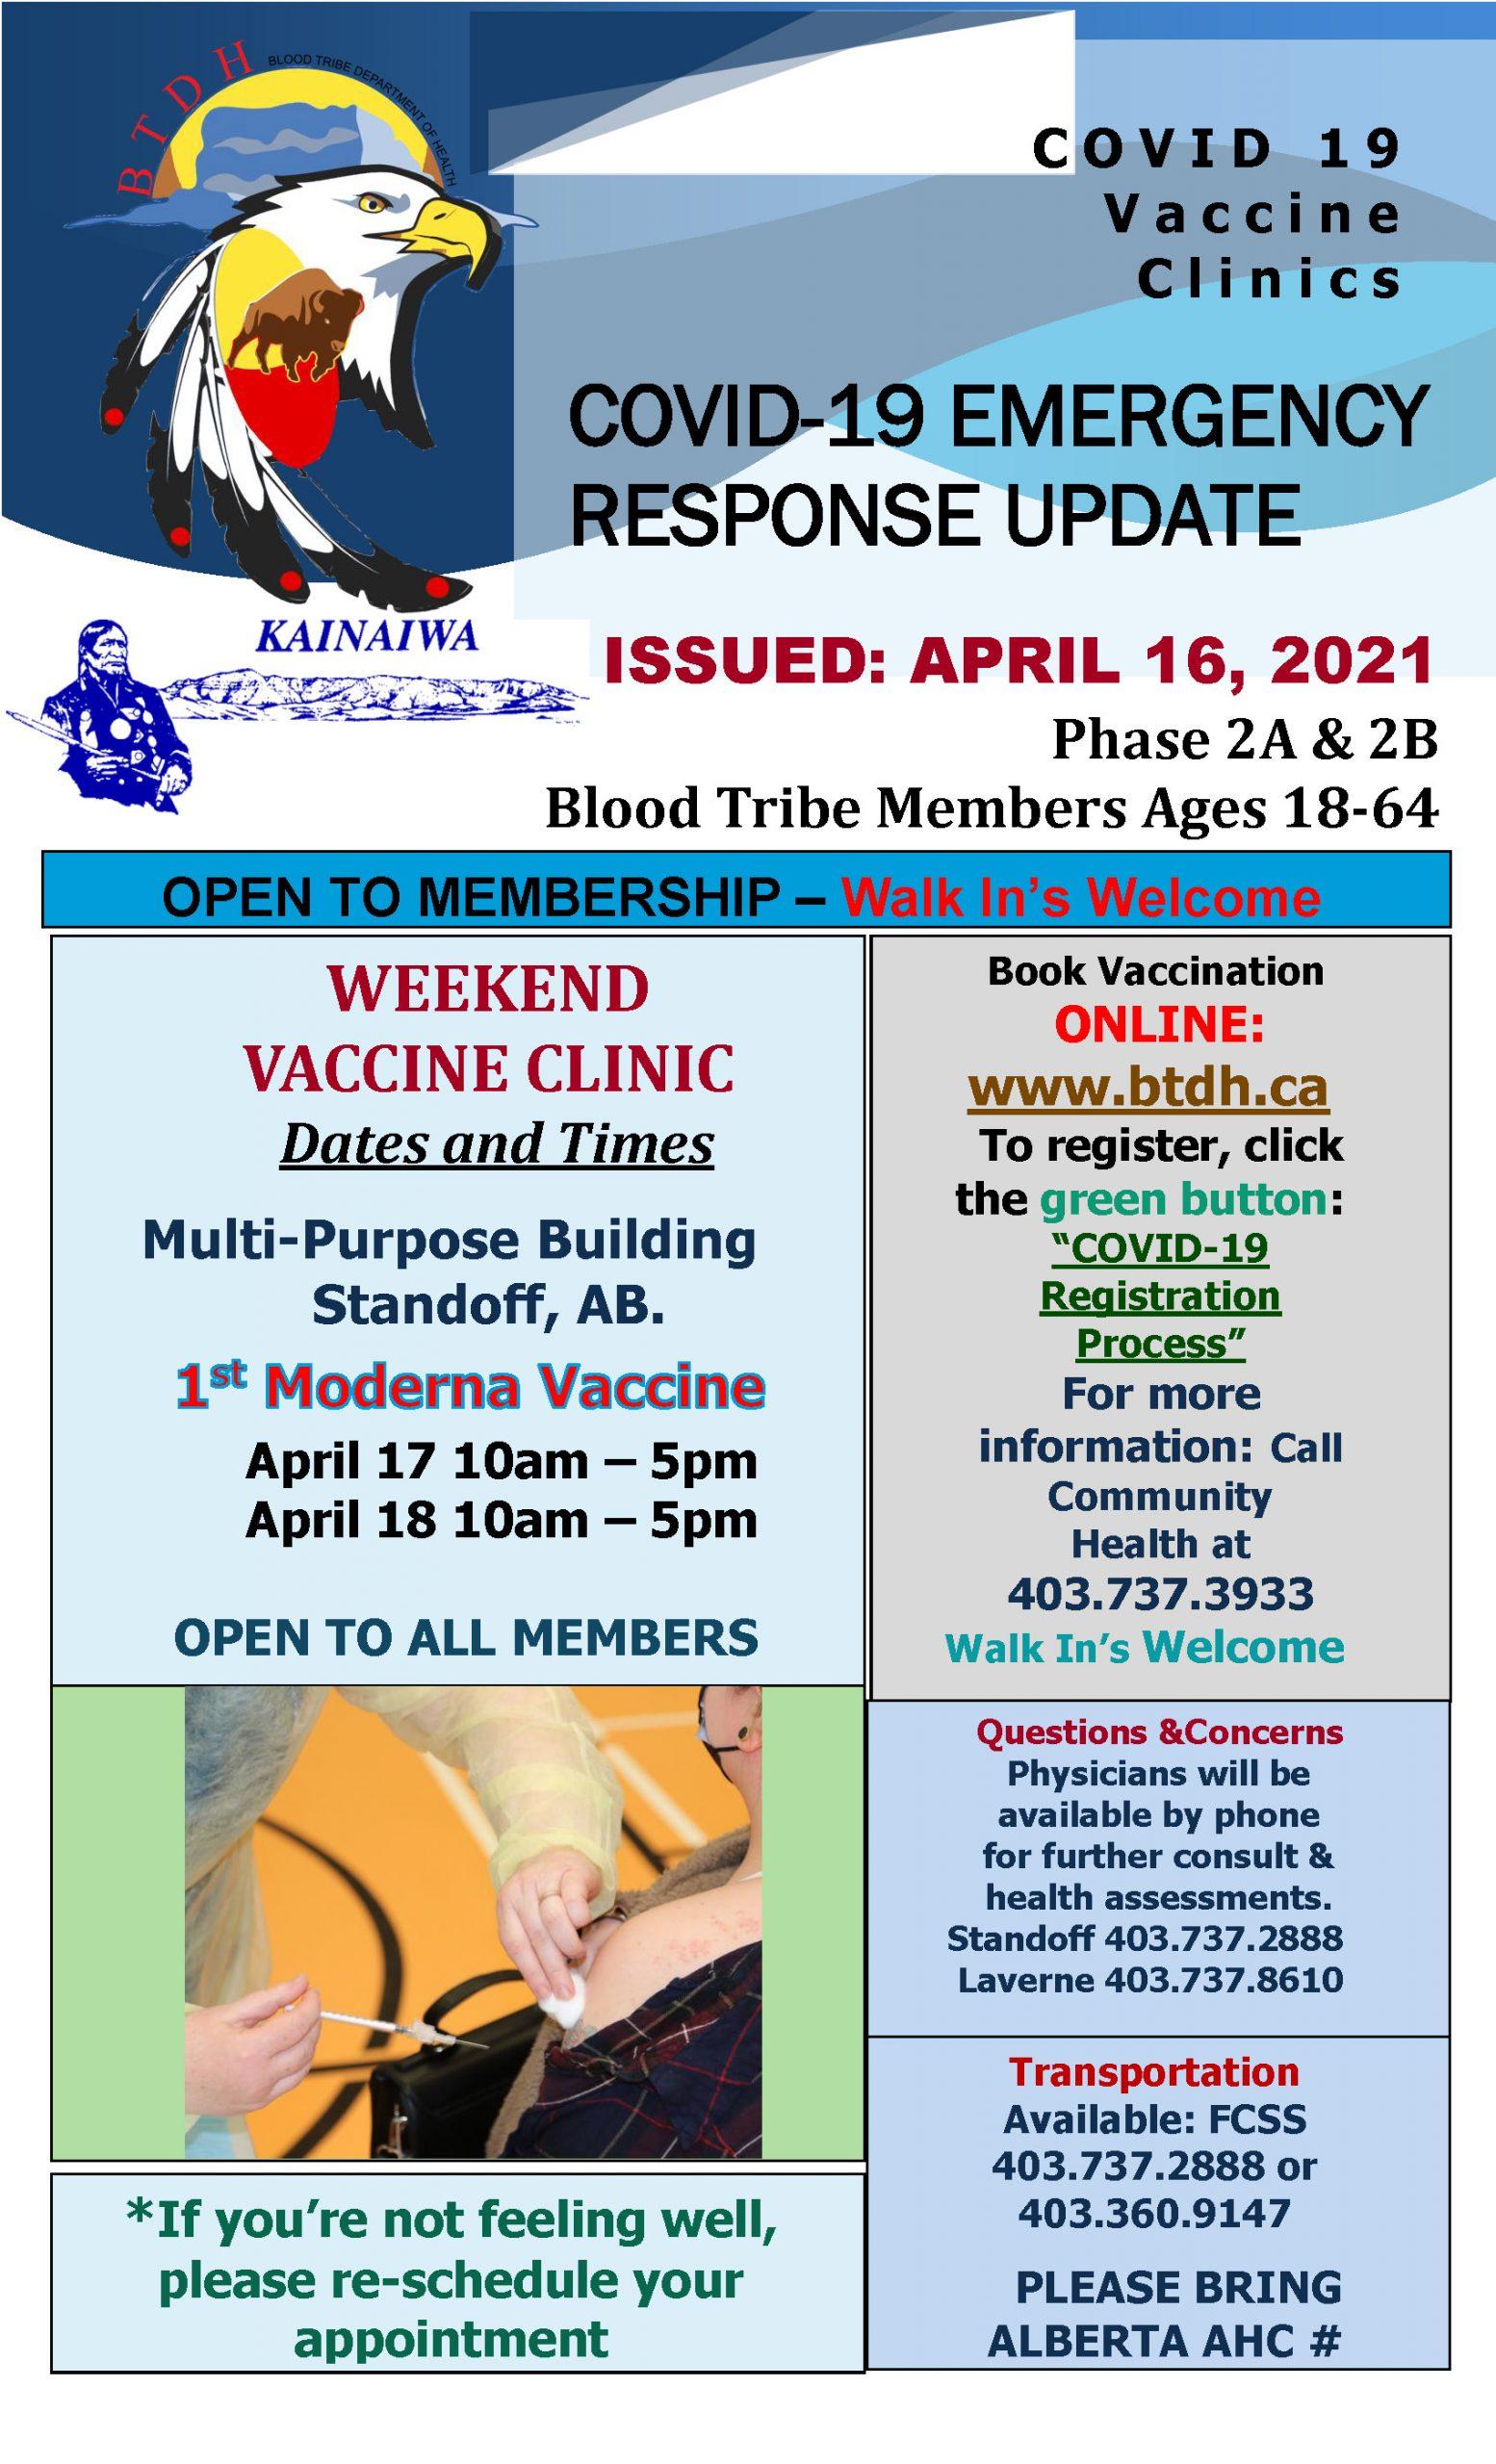 COVID-19 Vaccine Clinic Update - April 16, 2021